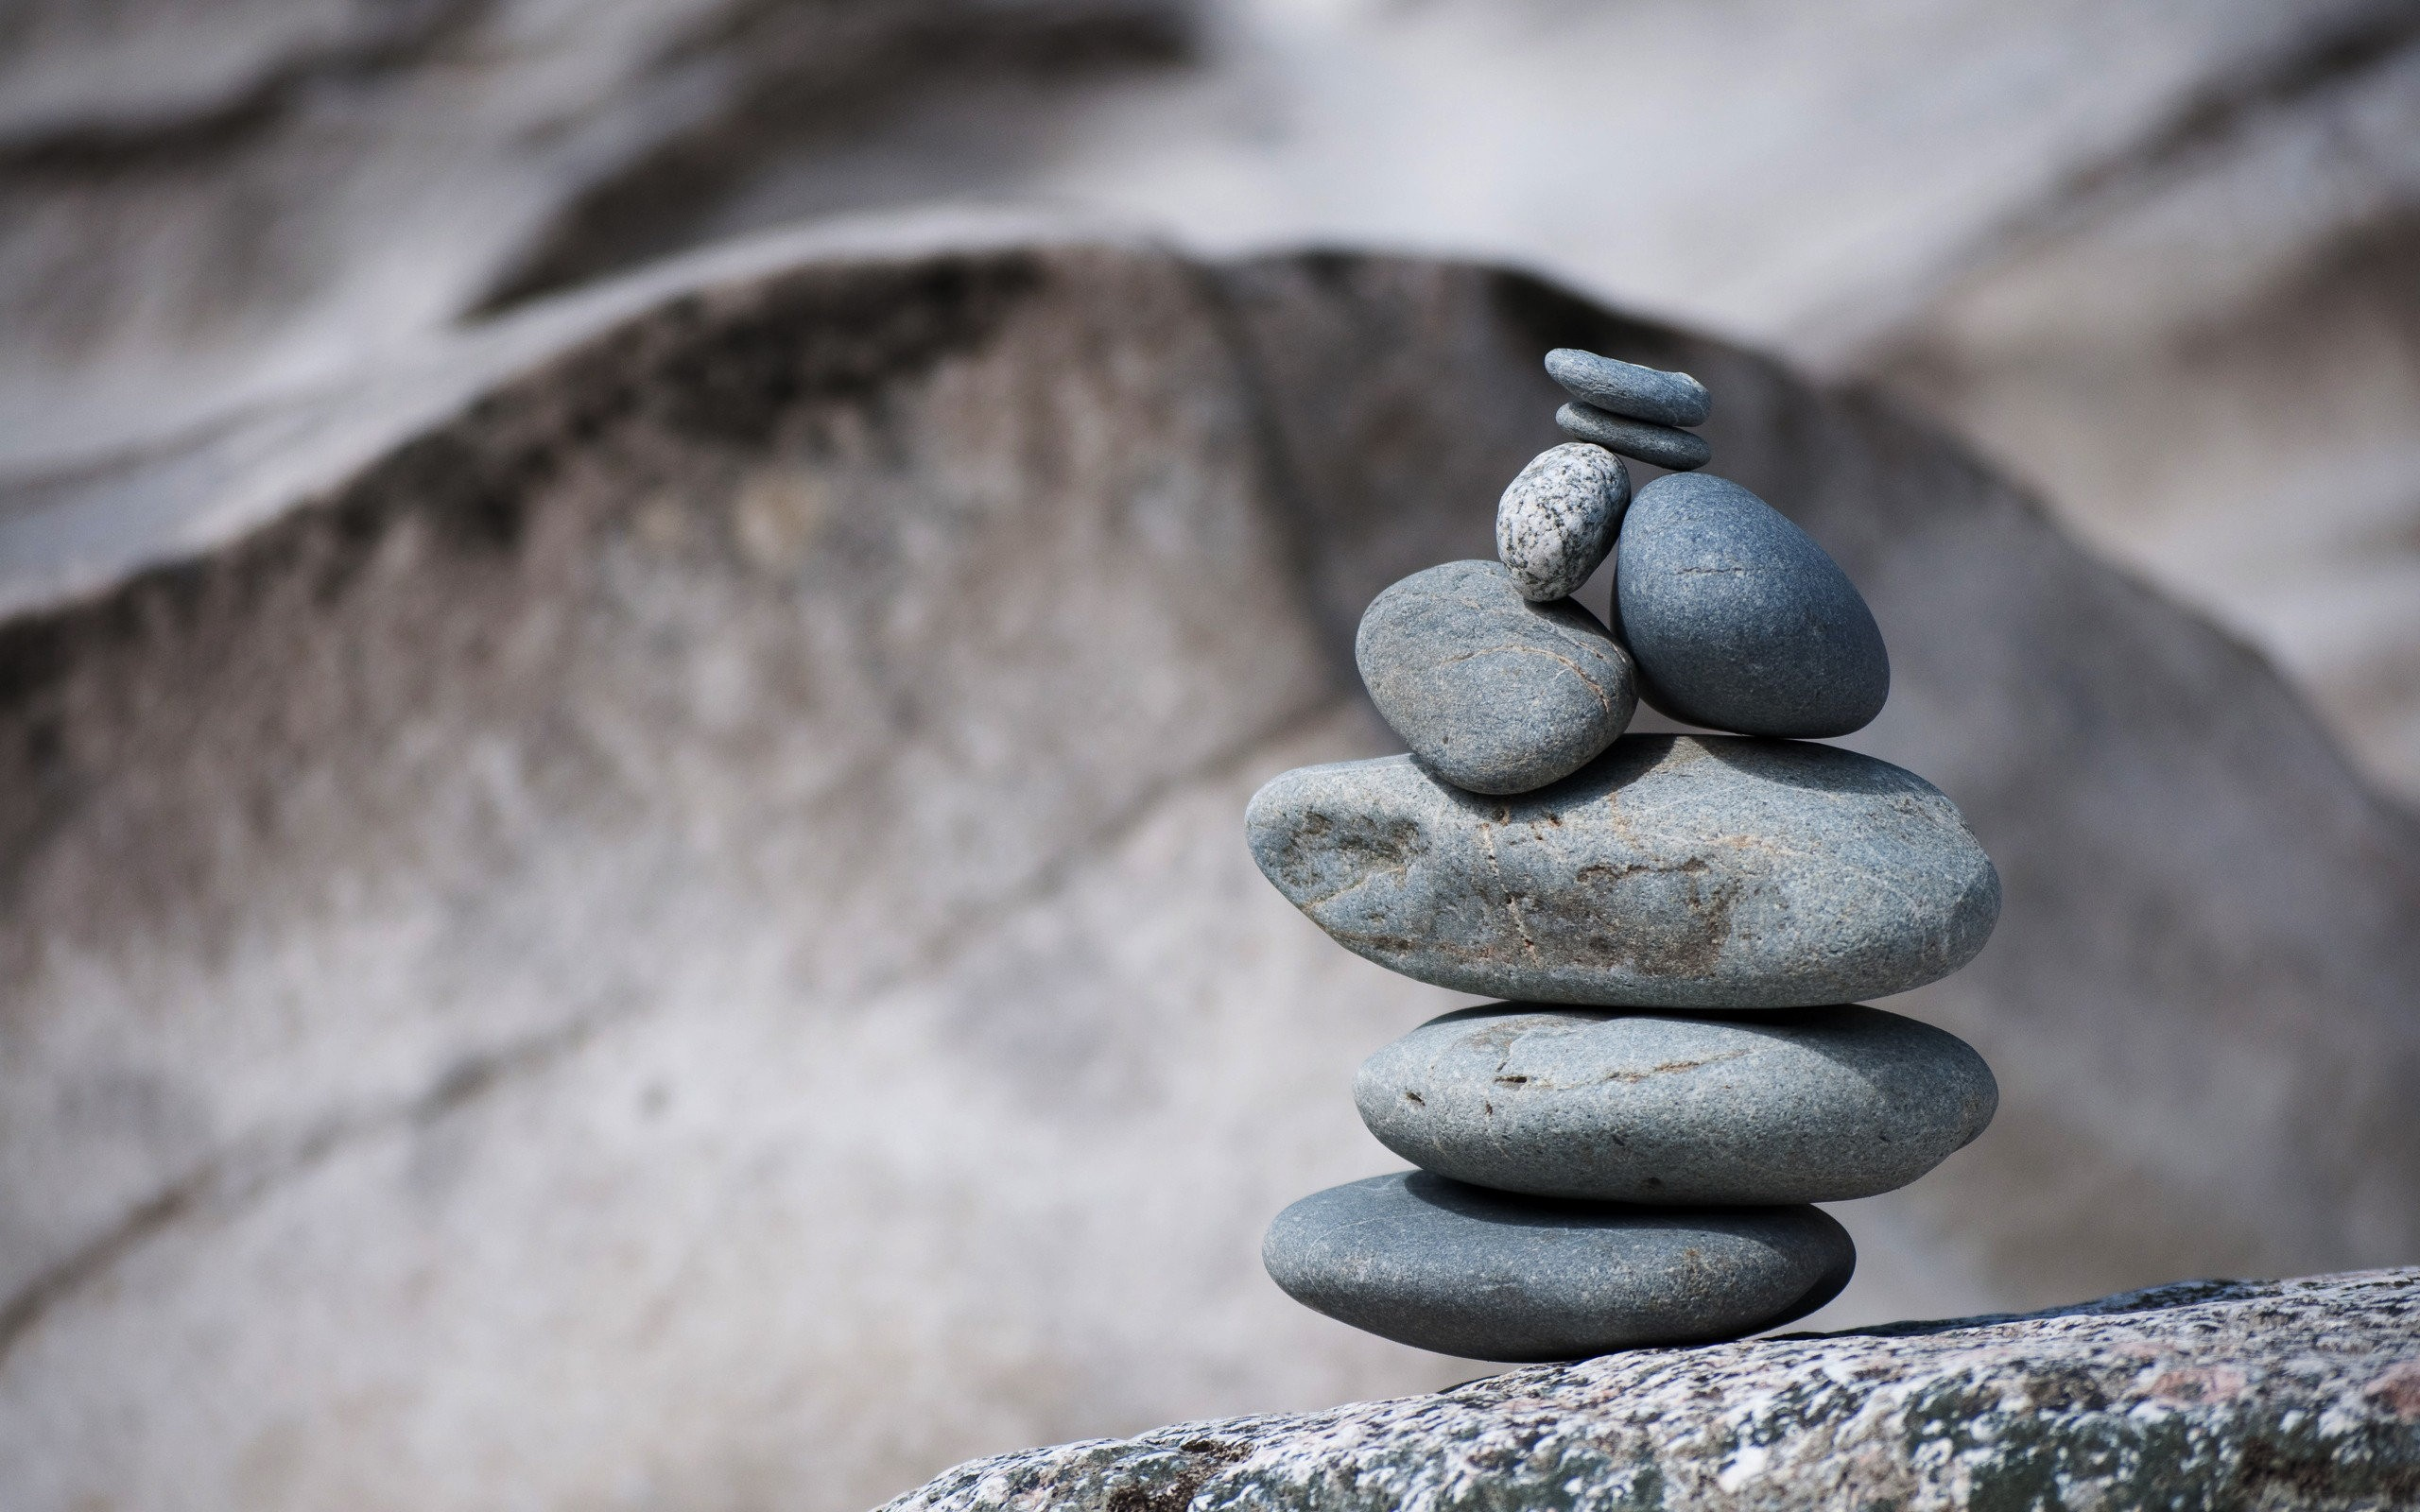 Гладкие камни  № 1383856 без смс